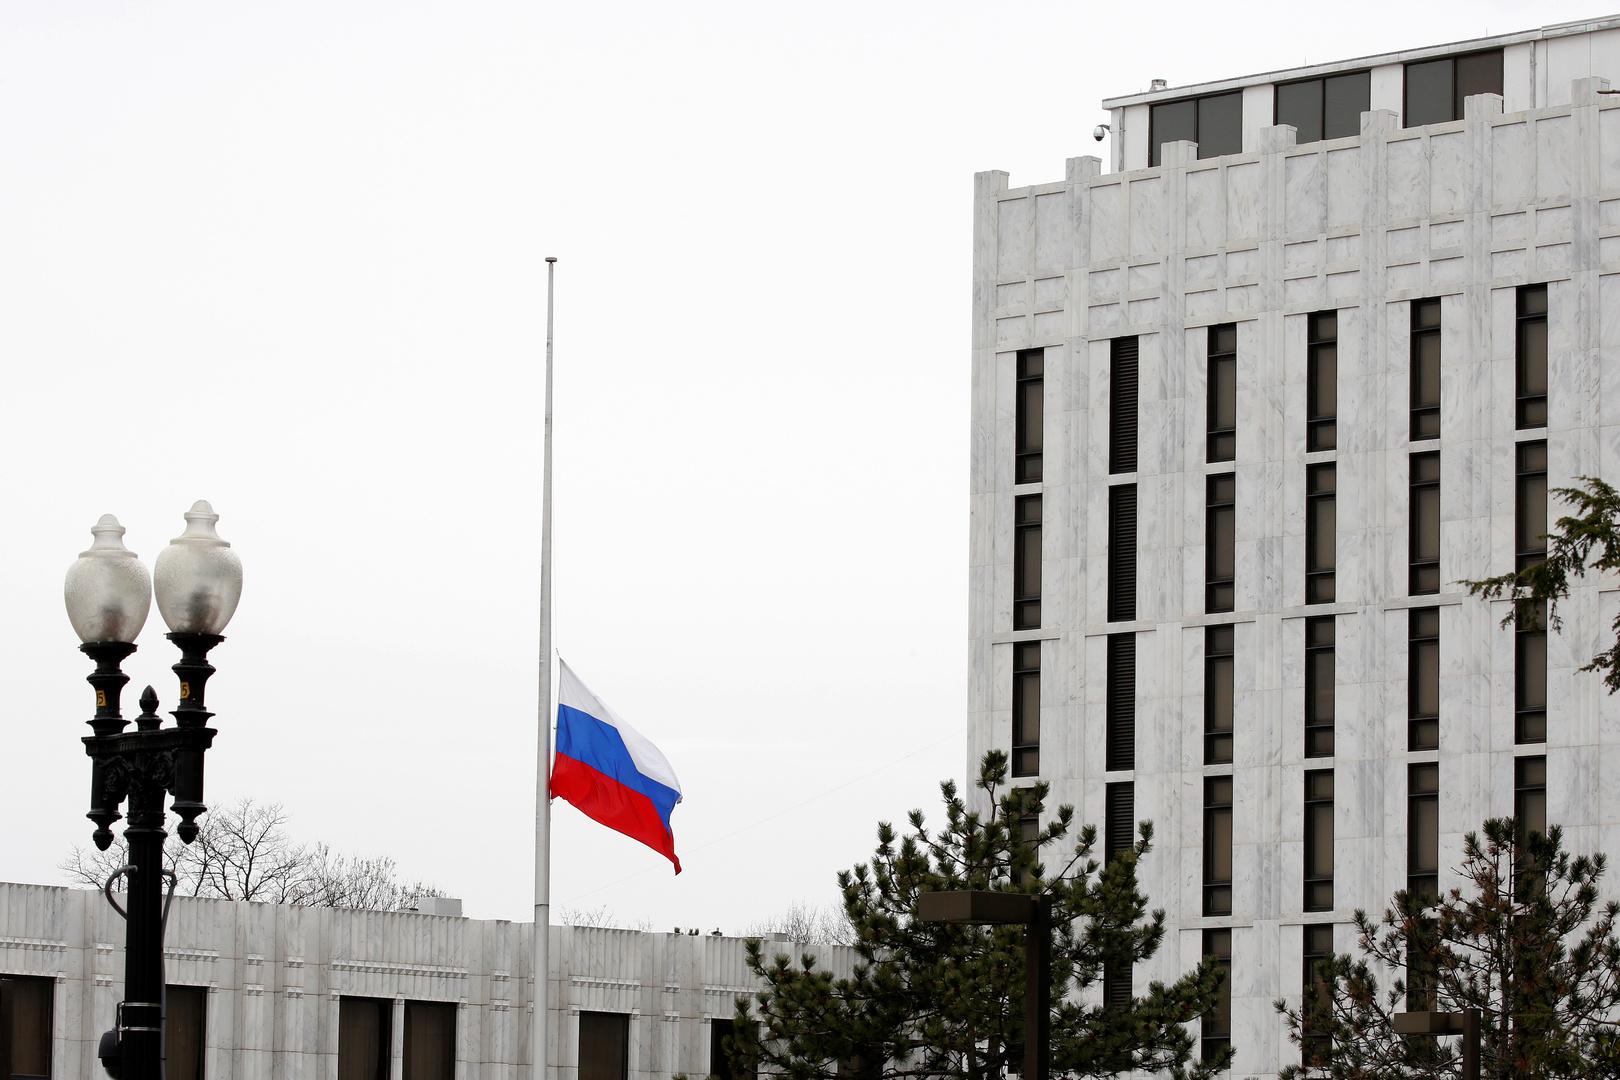 السفارة الروسية تعلق على تقرير الخارجية الأمريكية حول